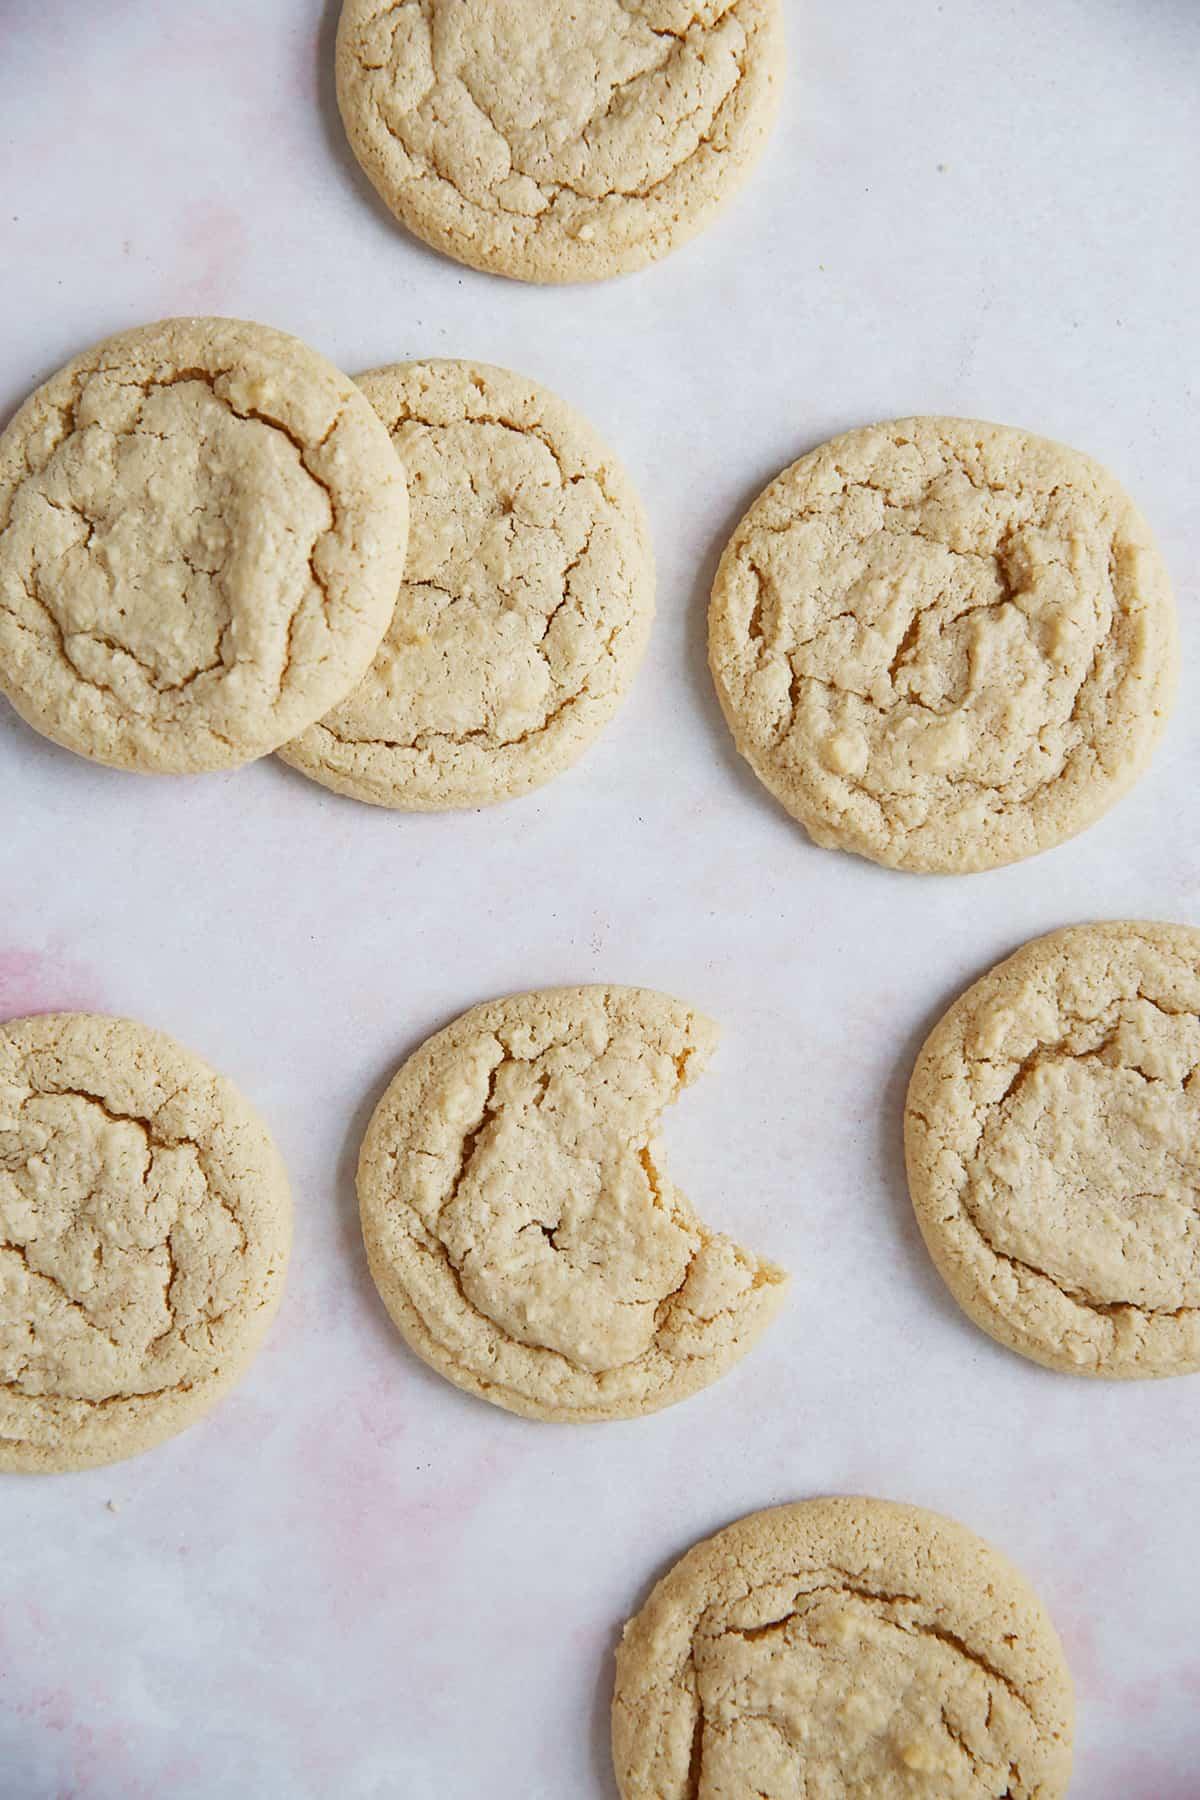 Baked gluten free sugar cookies